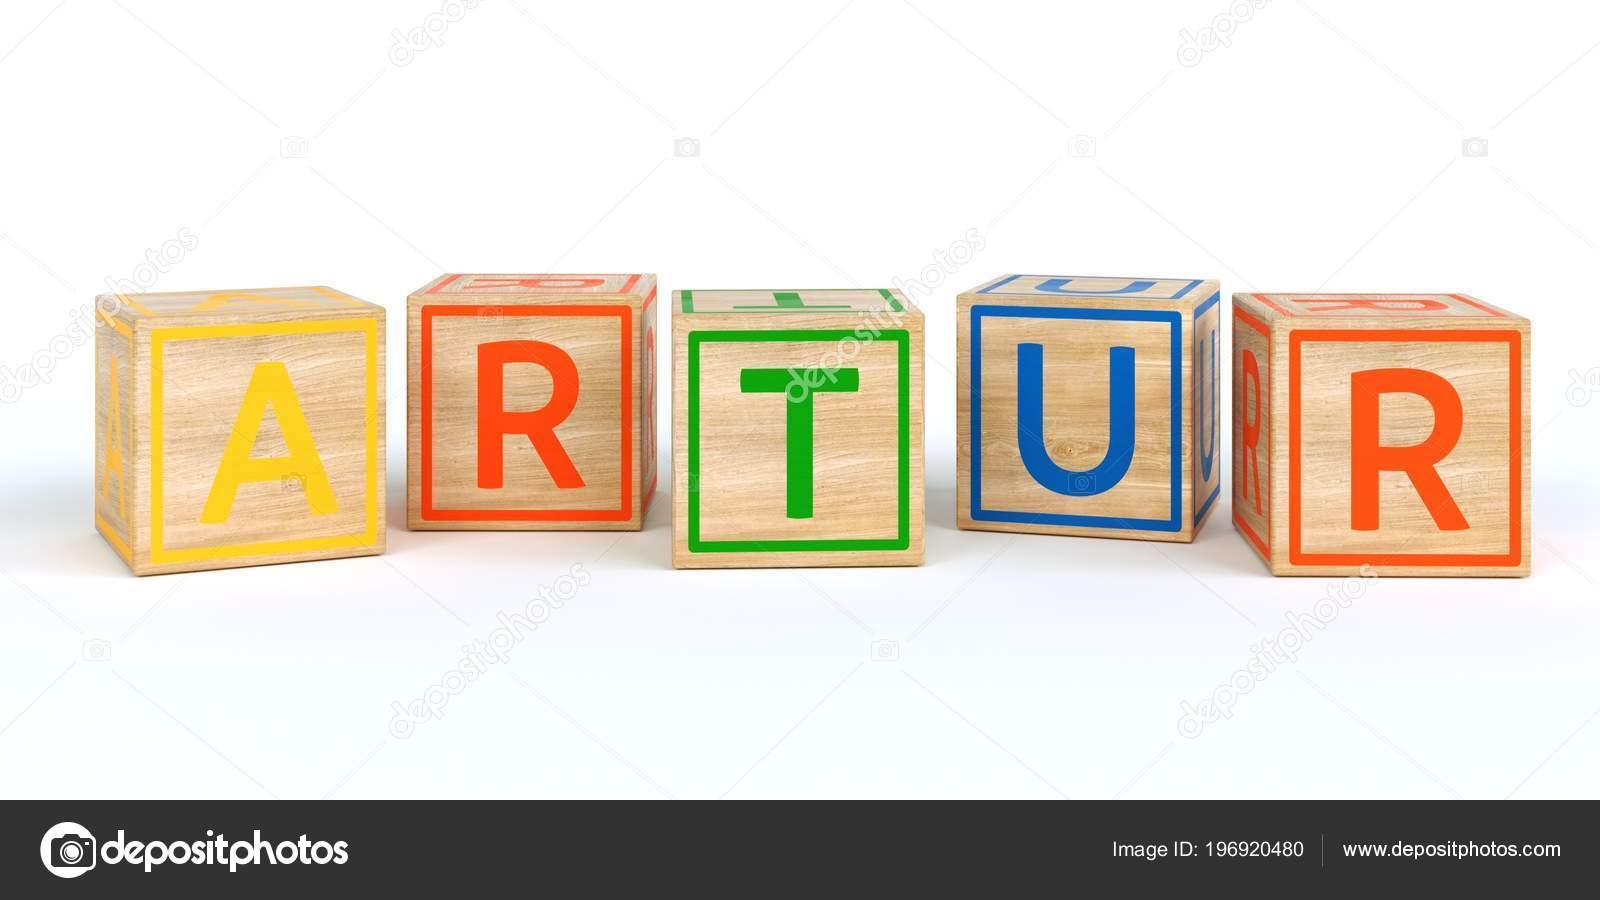 b17dac366dcc Cubos de juguete de madera aislada con Letras con nombre artur ...